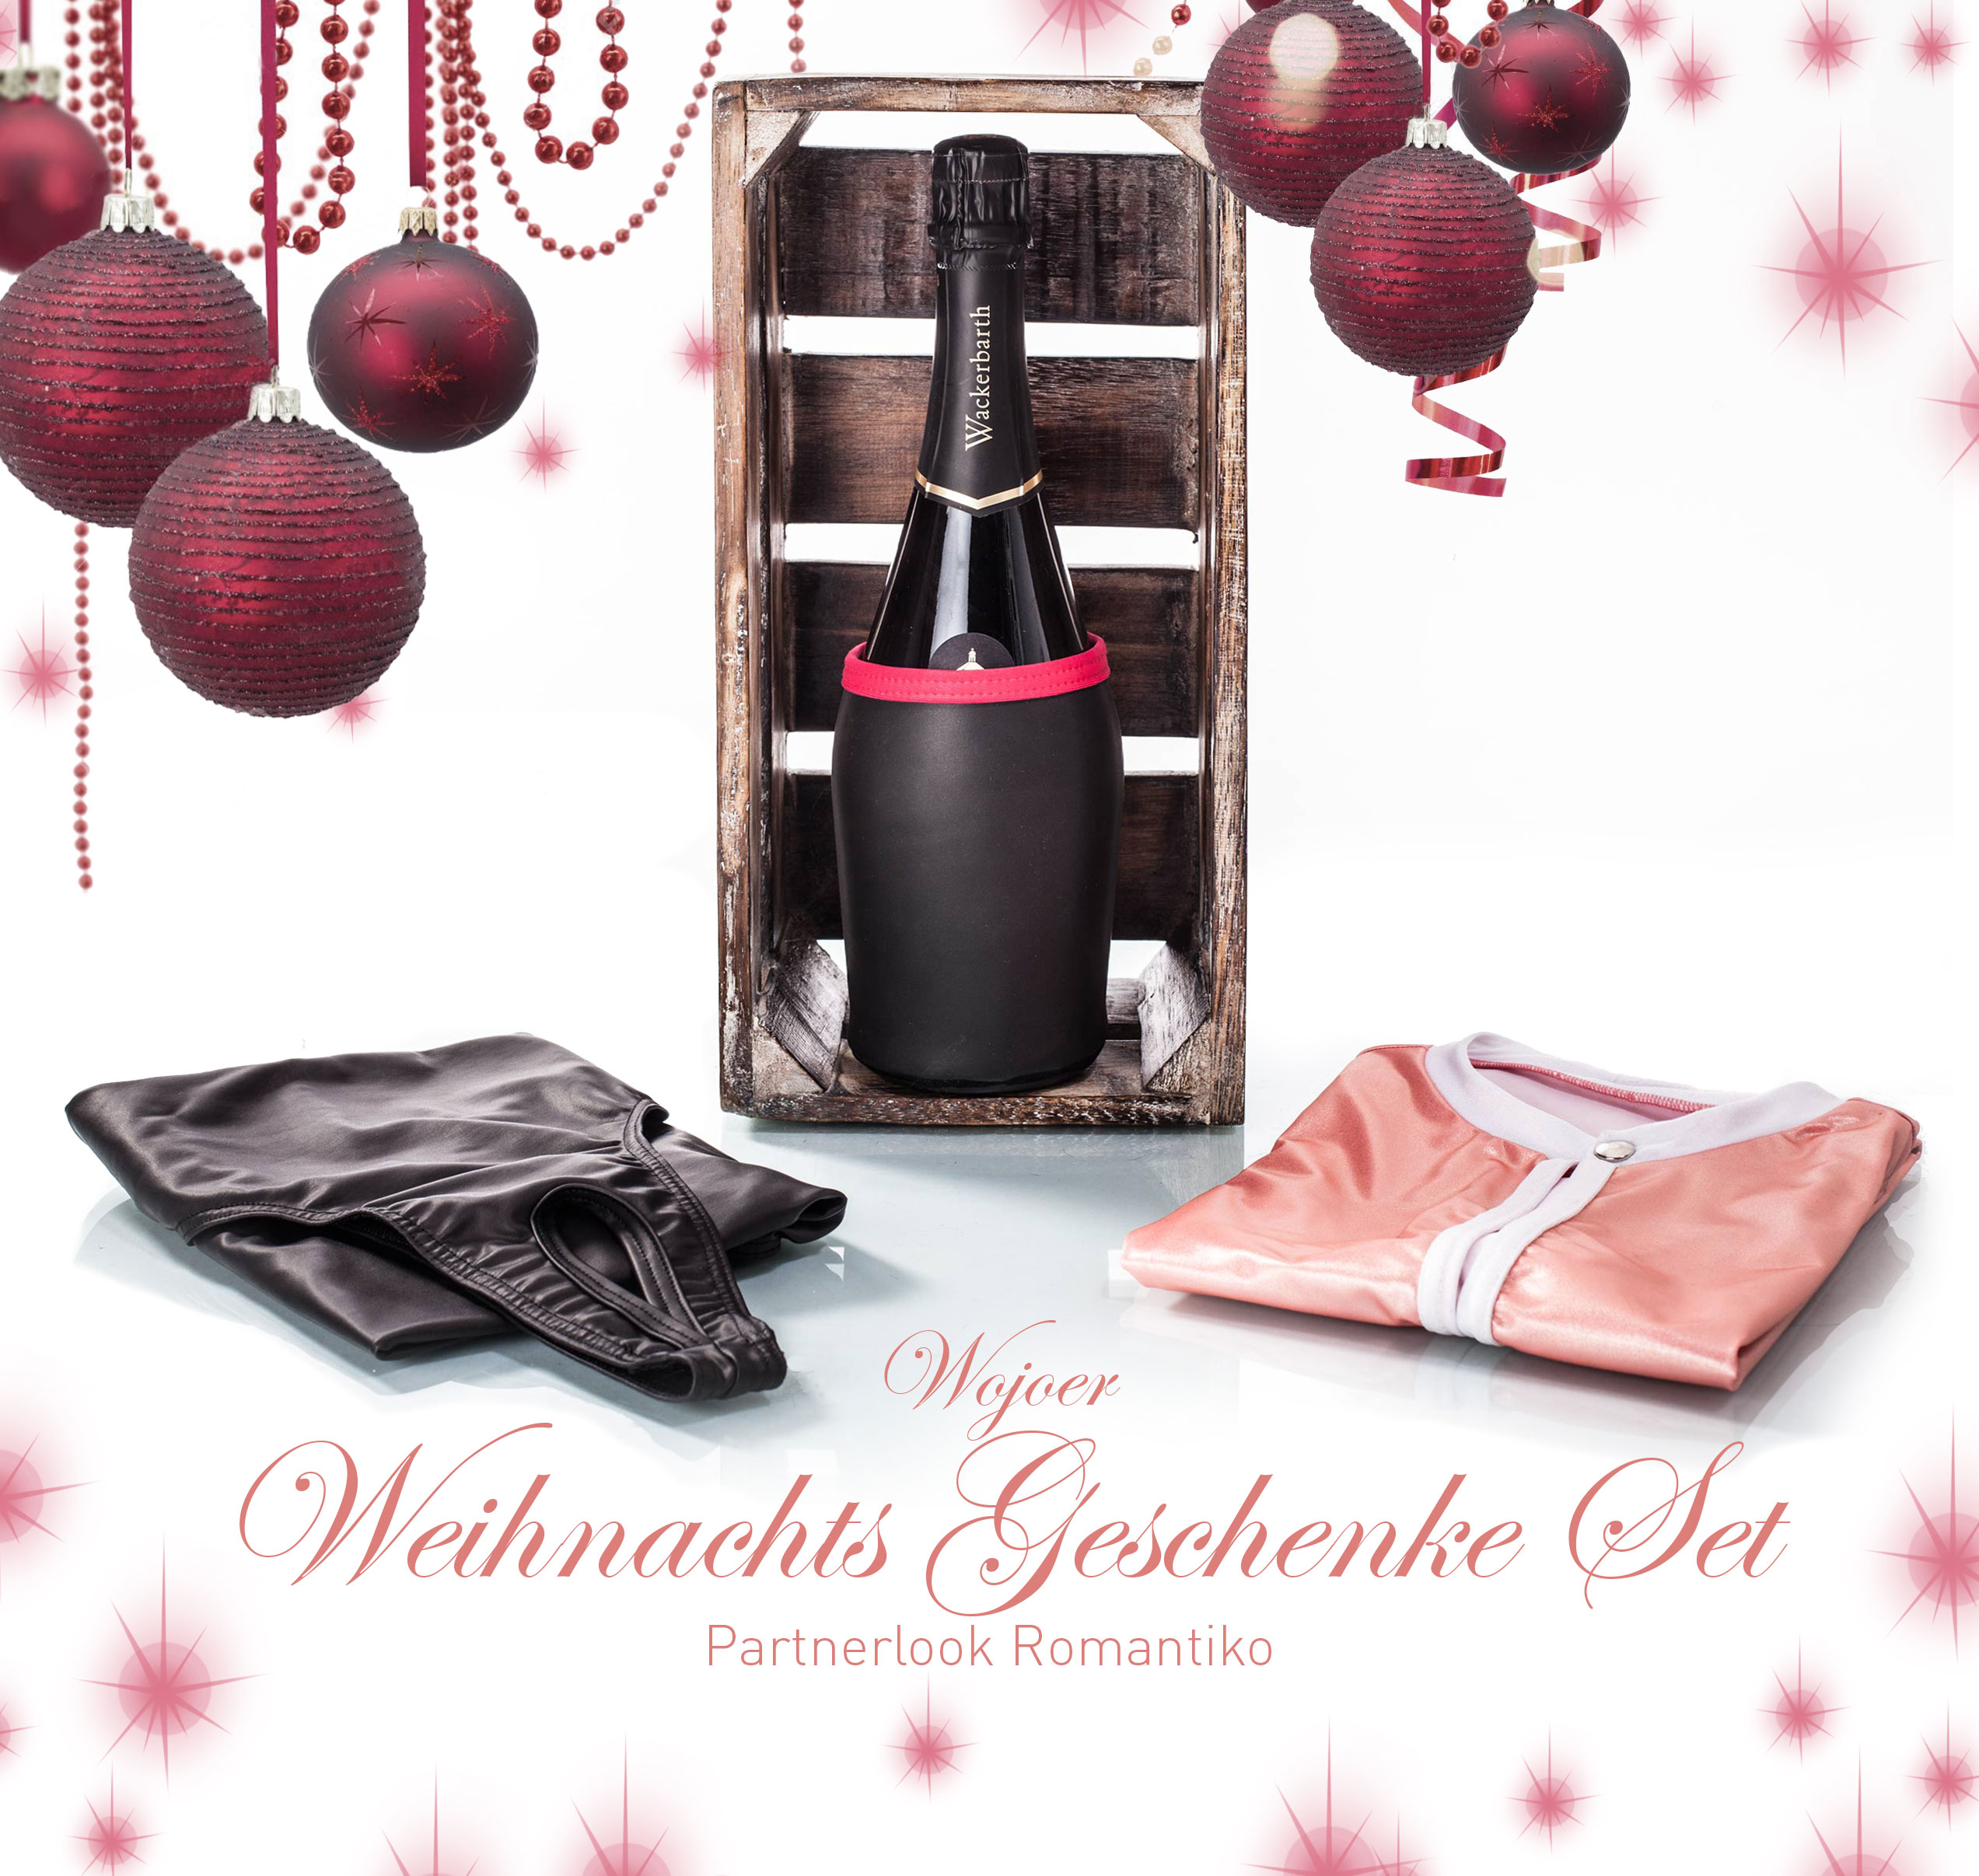 Ihr wollt euch mal wieder etas gönnen? Euch gegenseitig verwöhnen, Zeit zu zweit verbringen und sie in vollen Zügen auskosten? Das edle Wojoer Geschenkset in der hochwertigen Vintage Holz Box ist genau das Richtige, um euch auf einen perfekten Abend zu zweit einzustimmen. Der luxuriöse Schaumwein von August dem starken aus dem berühmten Weingut Schloss Wackerbarth aus Sachsen bleibt mit dem einzigartigen Neopren Champagnerkühler angenehm temperiert, während ihr zwei in die samt weichen Leder Outfits aus veganem Leatherlike schlüpft. Das prickelnd feine Material wird eure Begierde nach sanften Berührungen bereits bei der Anprobe aufflammen lassen. Wenn ihr euch dann im warmen Kerzenlicht tief in die Augen schaut und genüsslich mit dem aromatischen Champagner aus sächsischen Weißweintrauben und dem Aromaspiel aus Zitrusfrüchten und Honigmelone anstoßt, wird euch die Versuchung ein lustvolles Kribbeln in den Bauch zaubern. Nun liegt es an euch, wie lange ihr die elektrisierende Spannung zwischen euch ertragen könnt, bevor ihr der Wonne nachgebt und die Vorzüge der verführerischen Ouvert Outfits erkundet. Genießt und entdeckt euch neu auf hohem Niveau! Mit dem Wojoer Geschenkset.